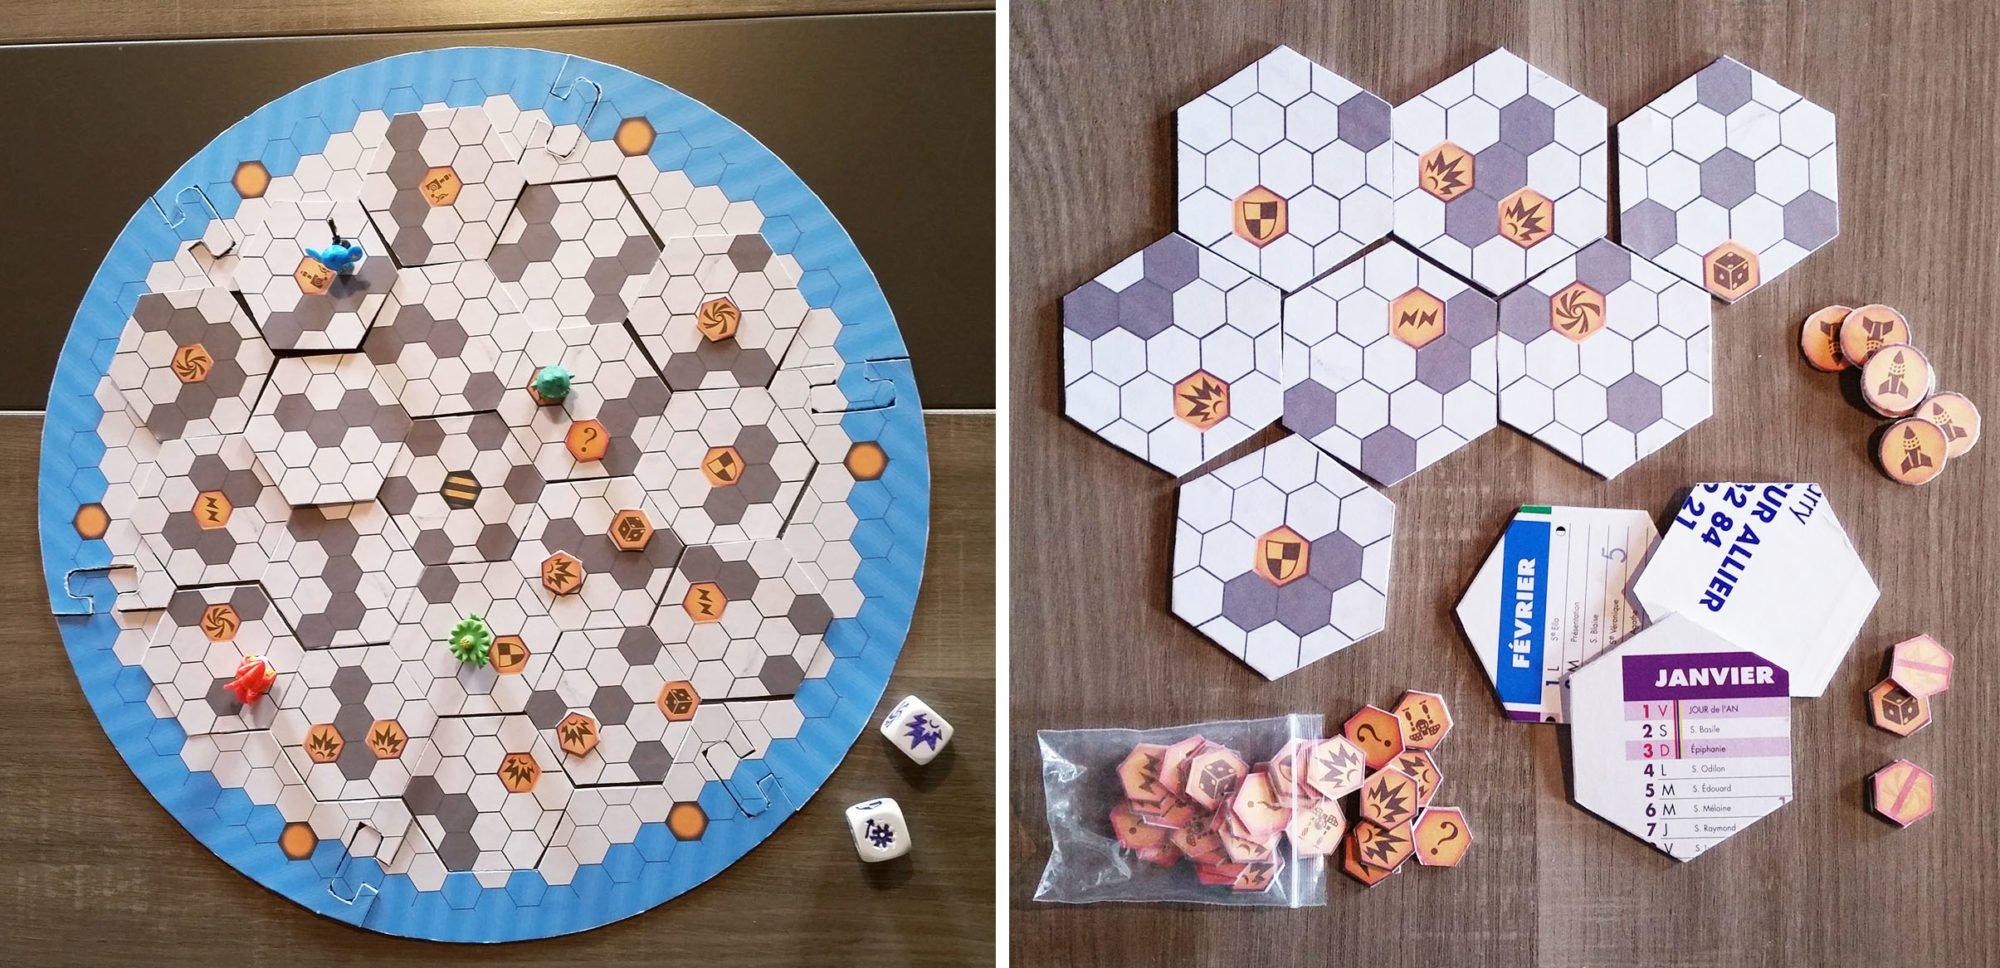 Plateau de jeu pour le prototype Warbot Arena